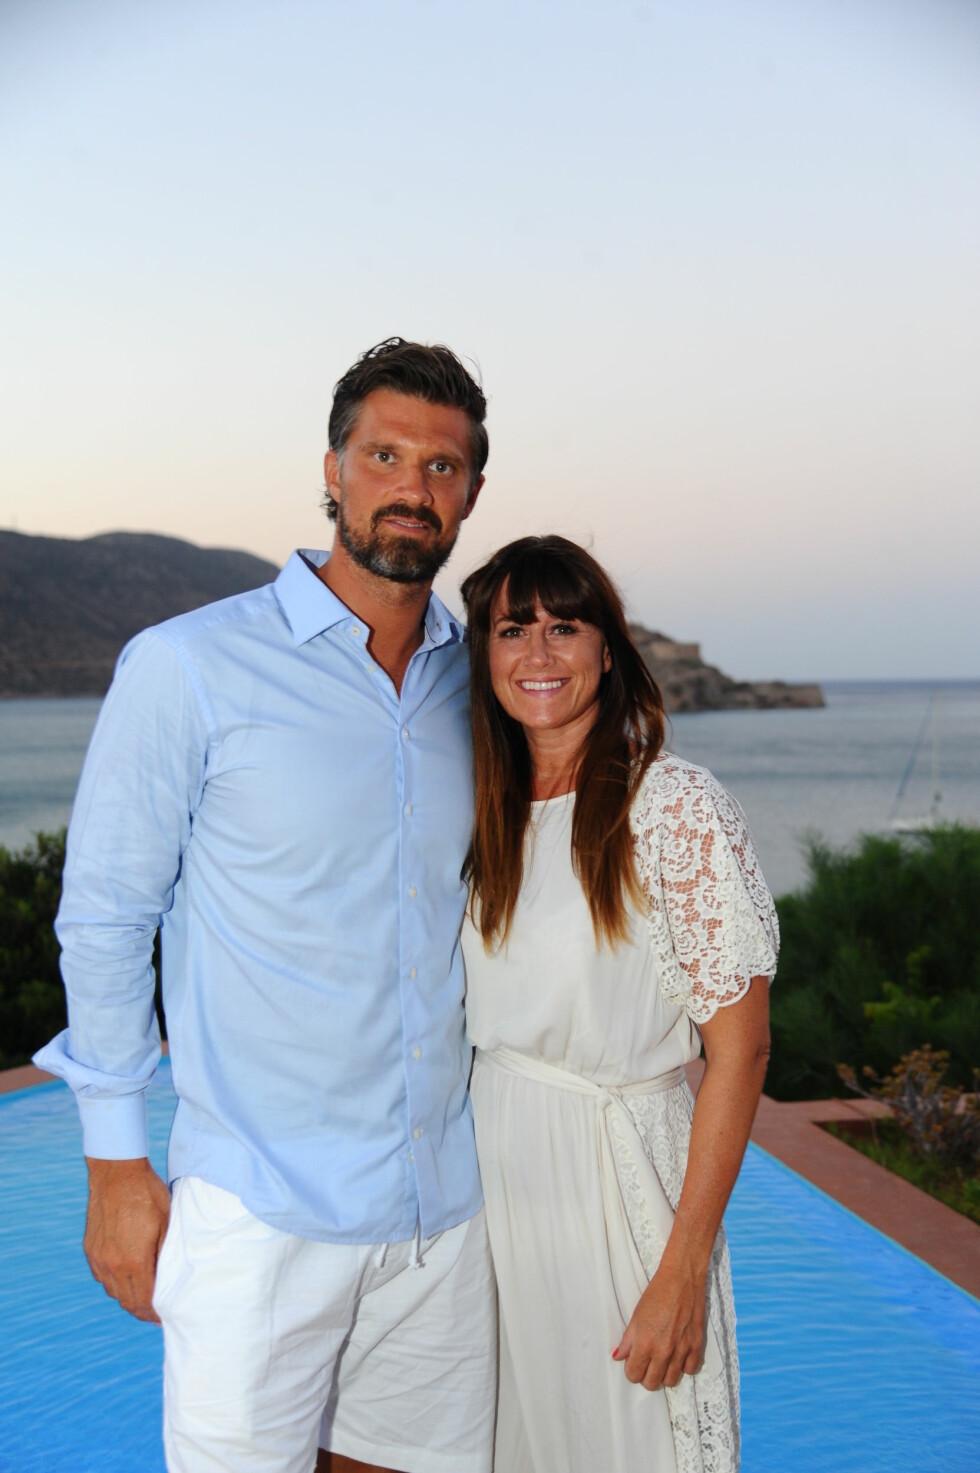 ELSKET KRETA: Siri og Kristian har lagt sin elsk på den greske øyen Kreta.  Foto: Studio Kostas